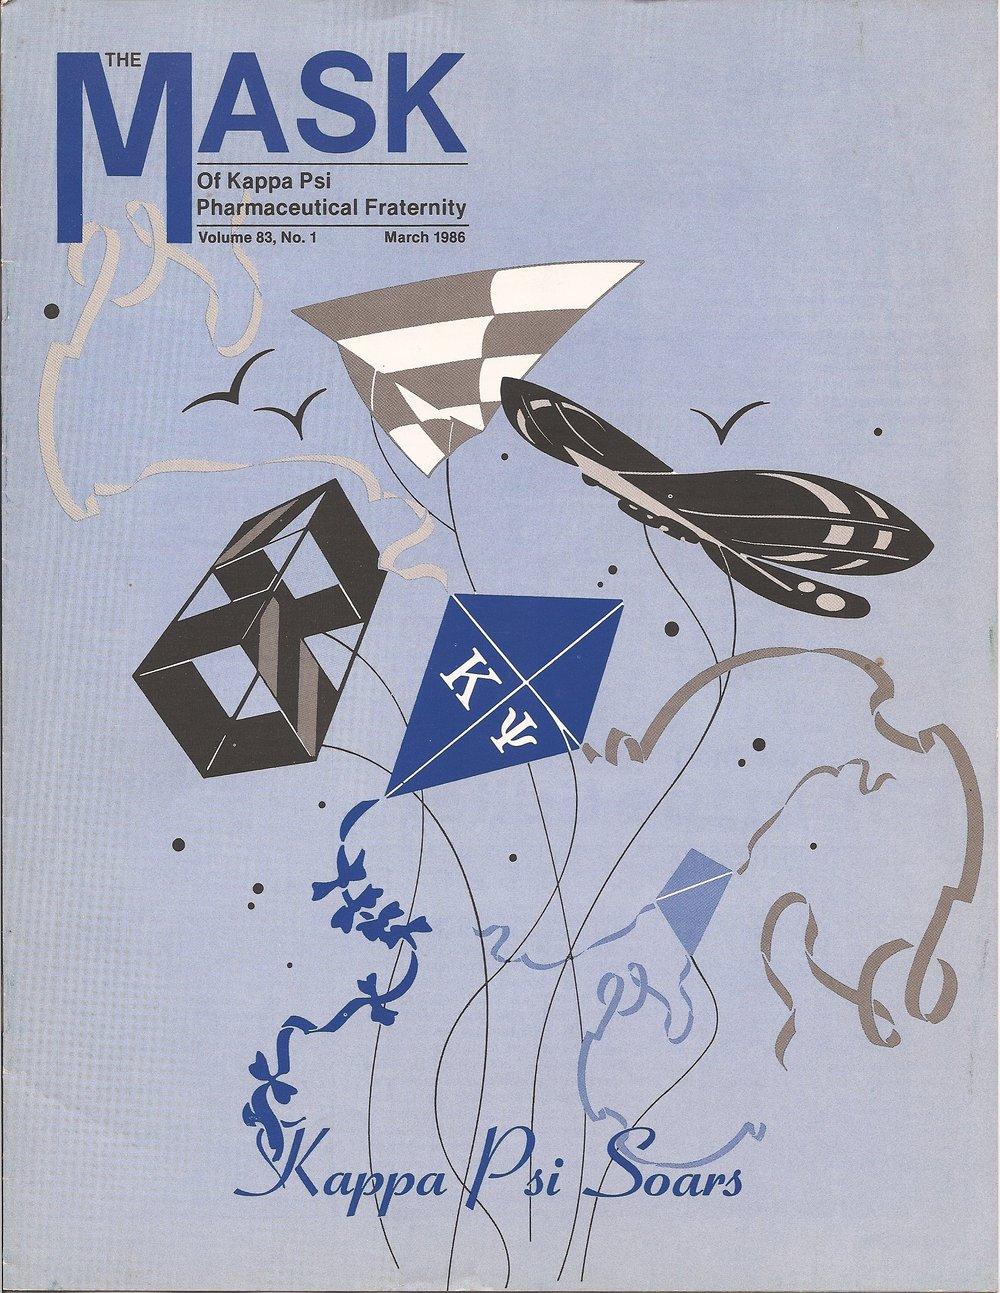 mask_cover_03_1986.jpg